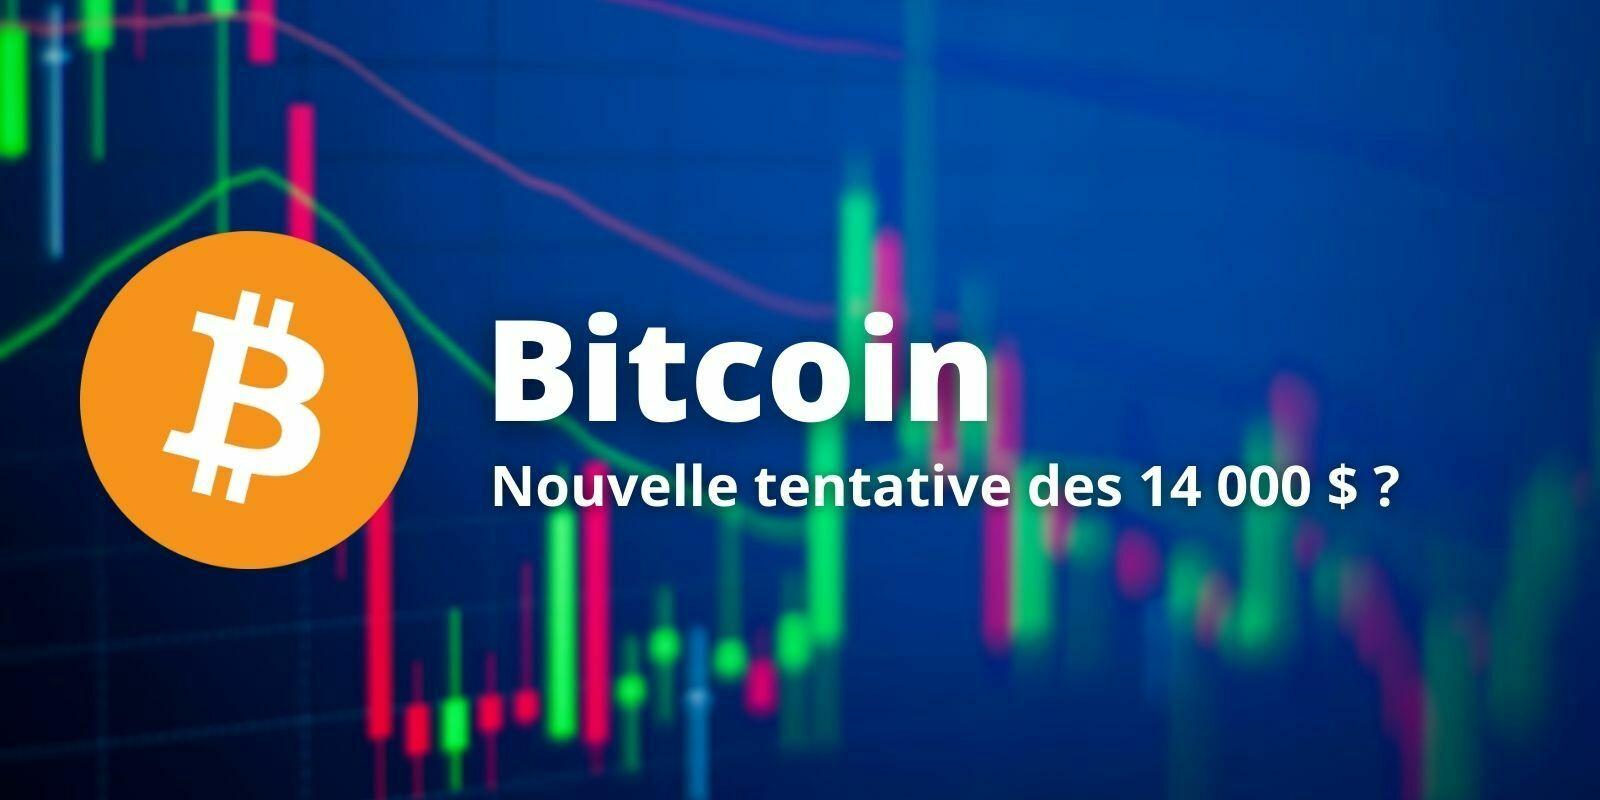 Le Bitcoin (BTC) consolide avant d'attaquer de nouveau les 14 000 $